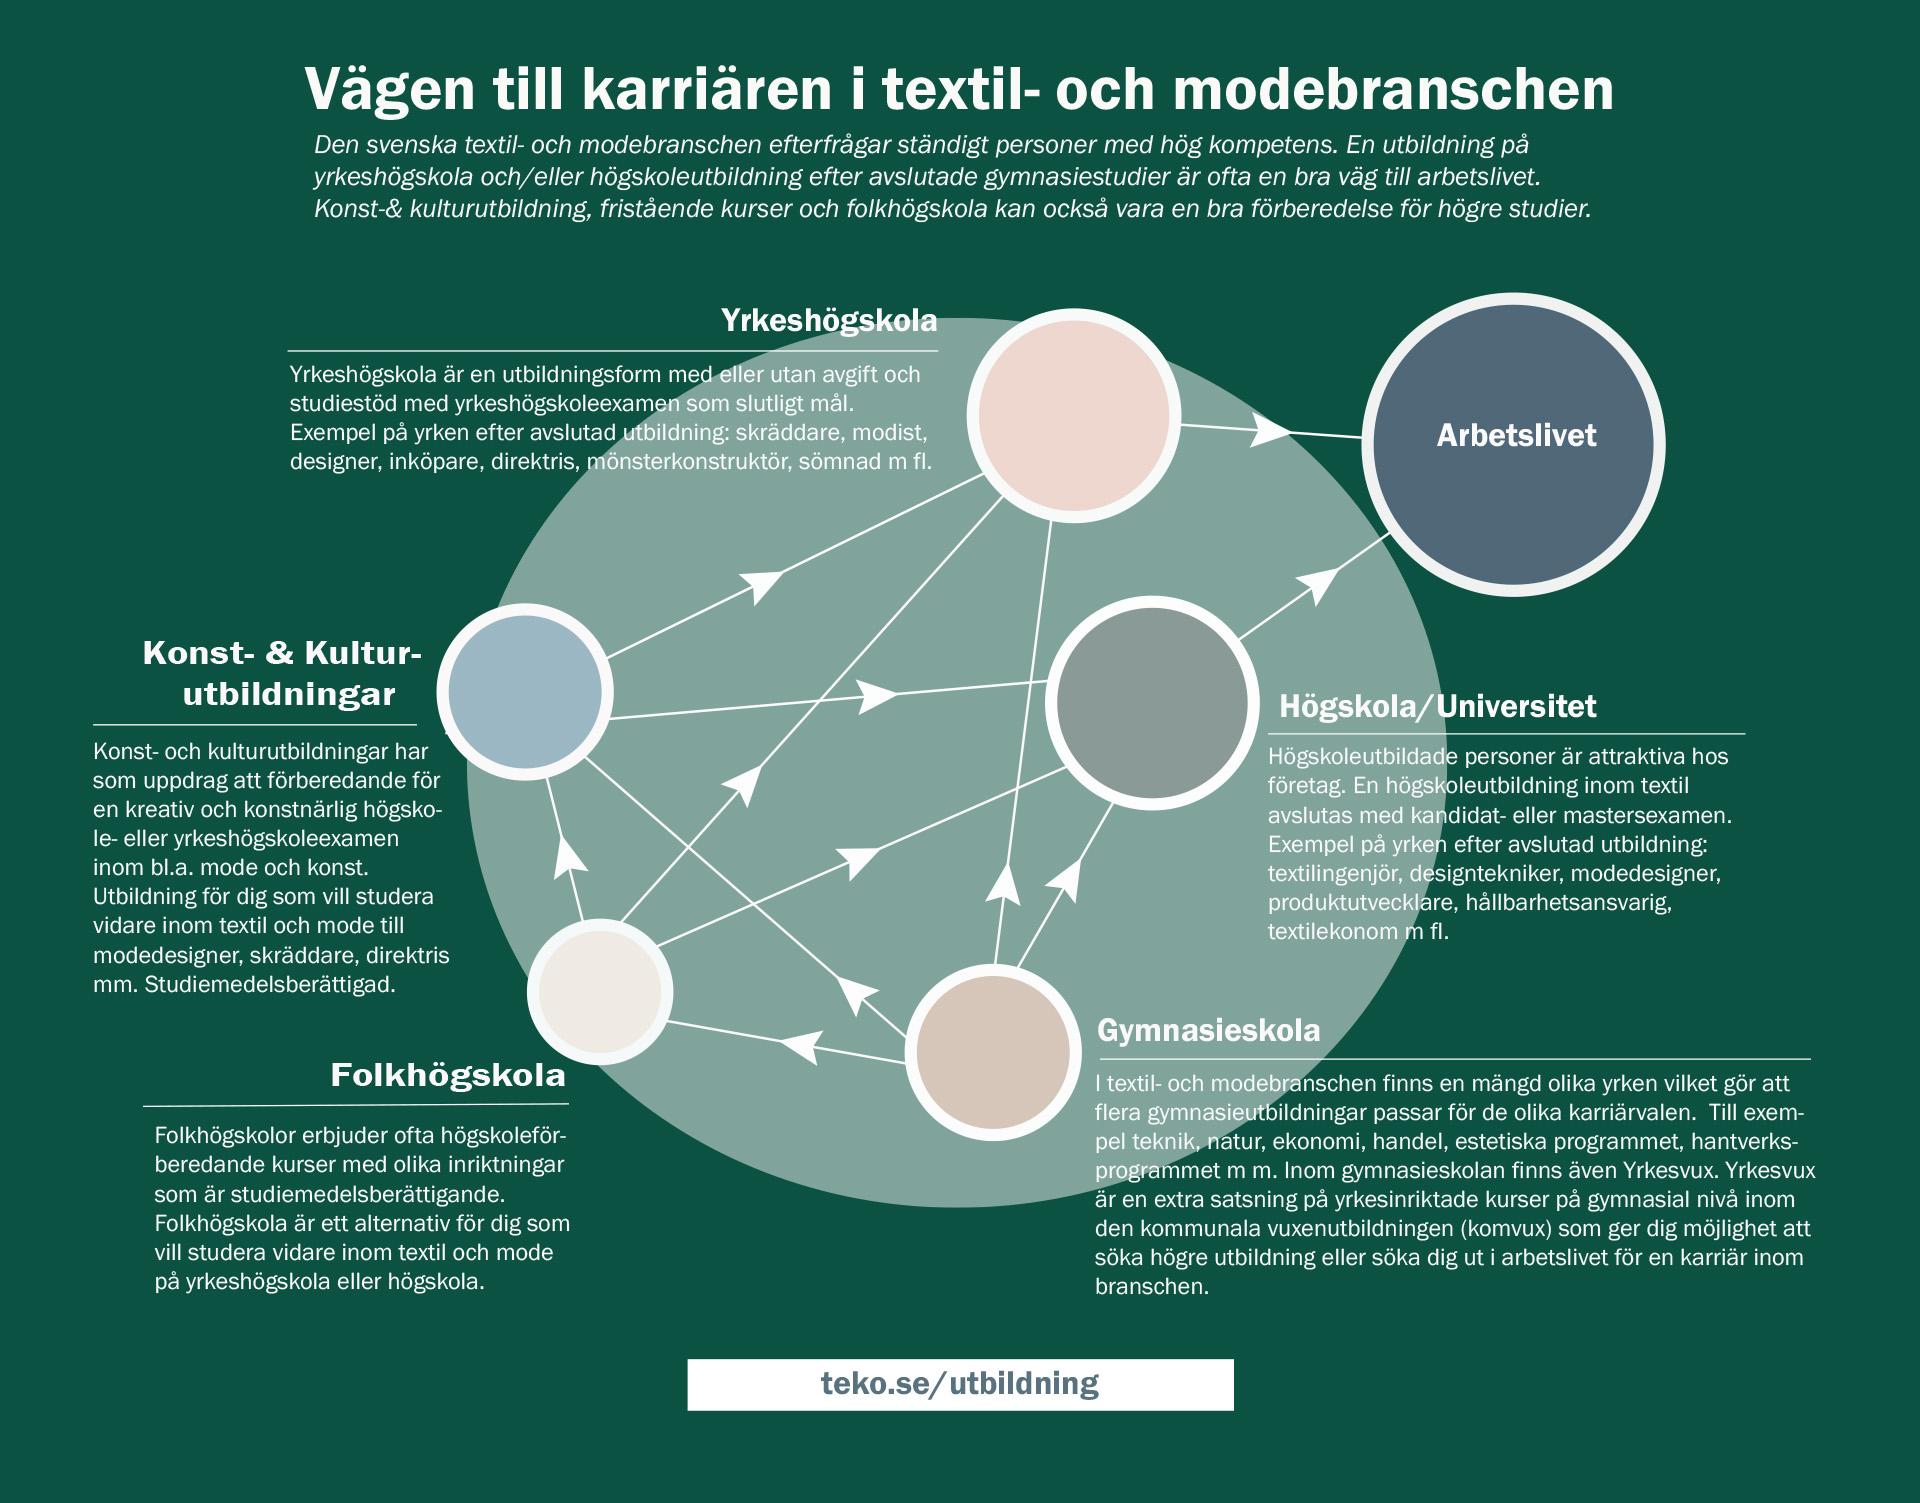 6d9f5d862b88 Klicka på bilden nedan för att se hur de olika utbildningarna leder vidare  till arbetslivet.